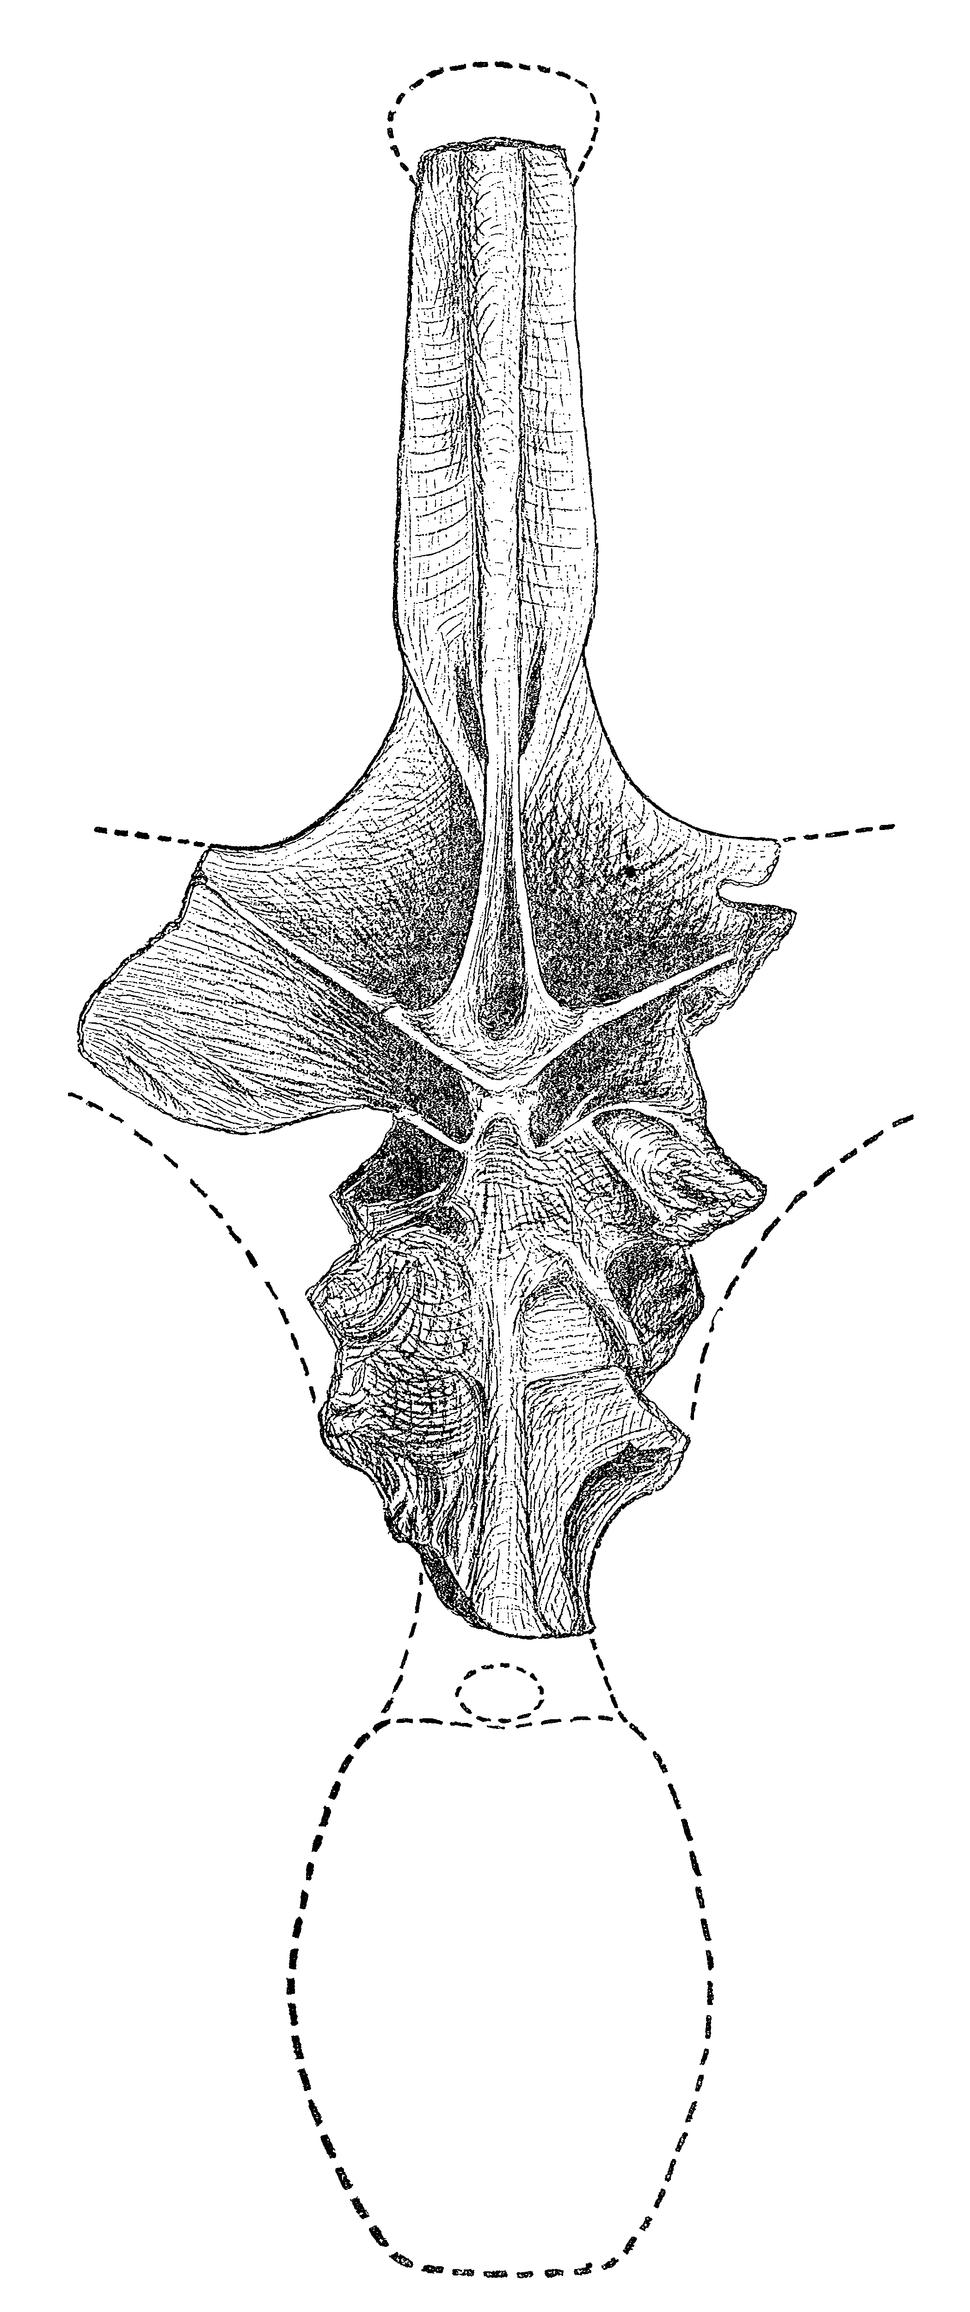 Maraapunisaurus fragillimus holotype illustration